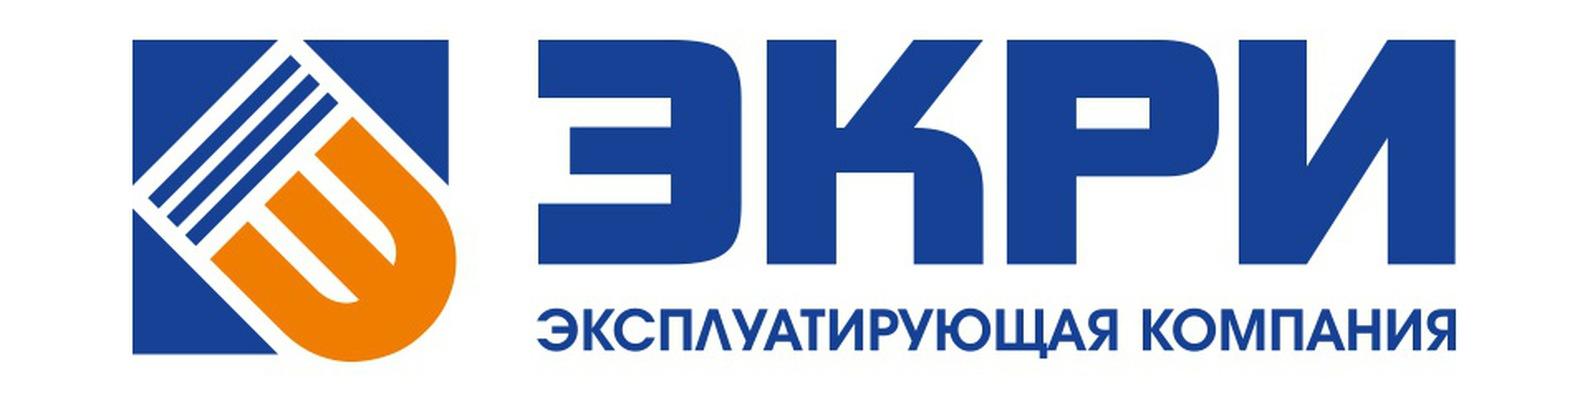 Работа в компании «ЭКРИ 36, ООО» в Калачеевского района